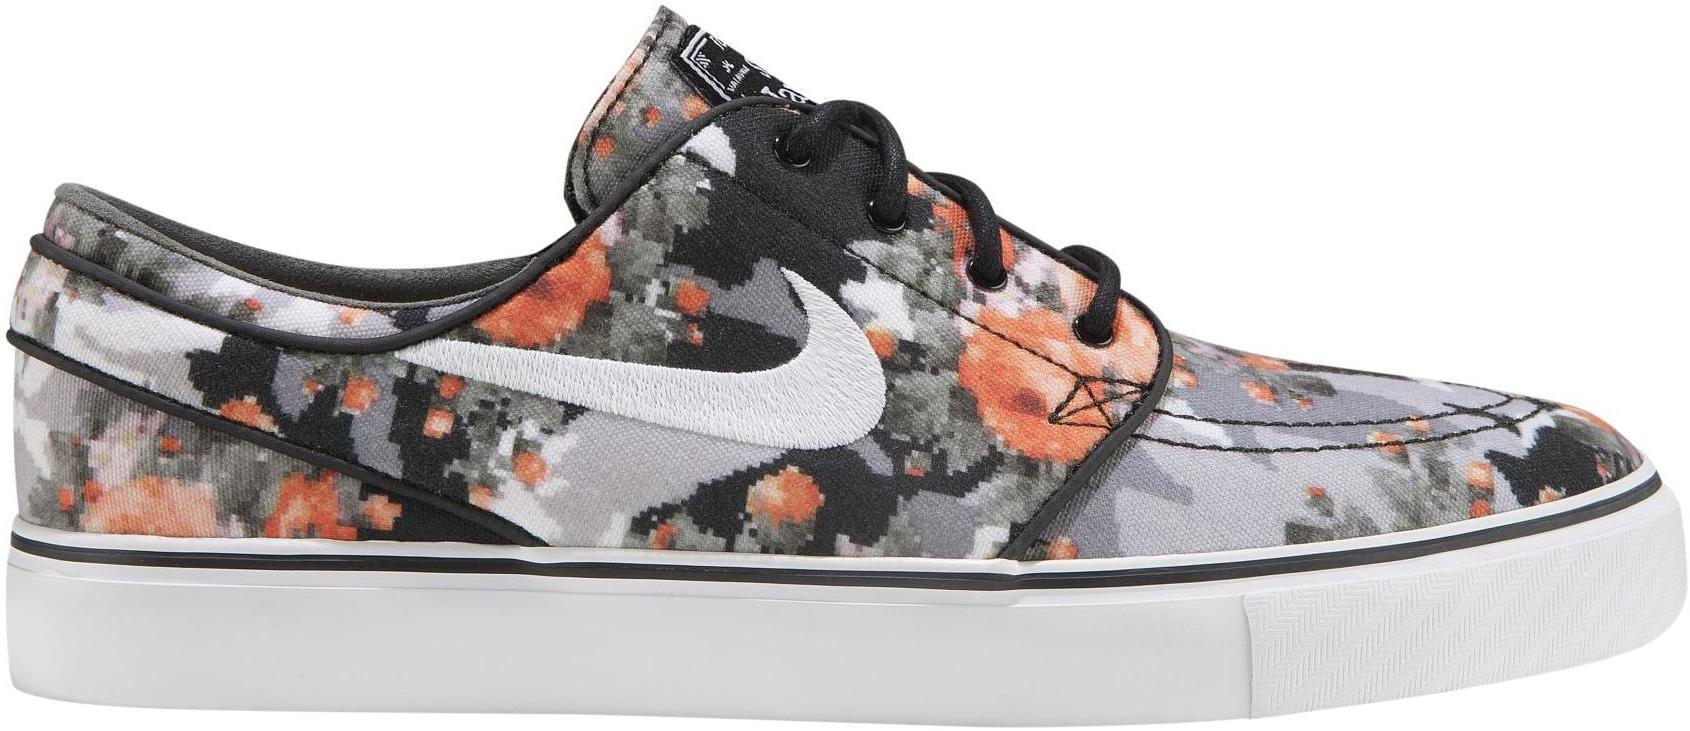 vente trouver grand Nike Sb Stefan Janoski Digi Floral À Vendre boutique à vendre OQOIYyZ5